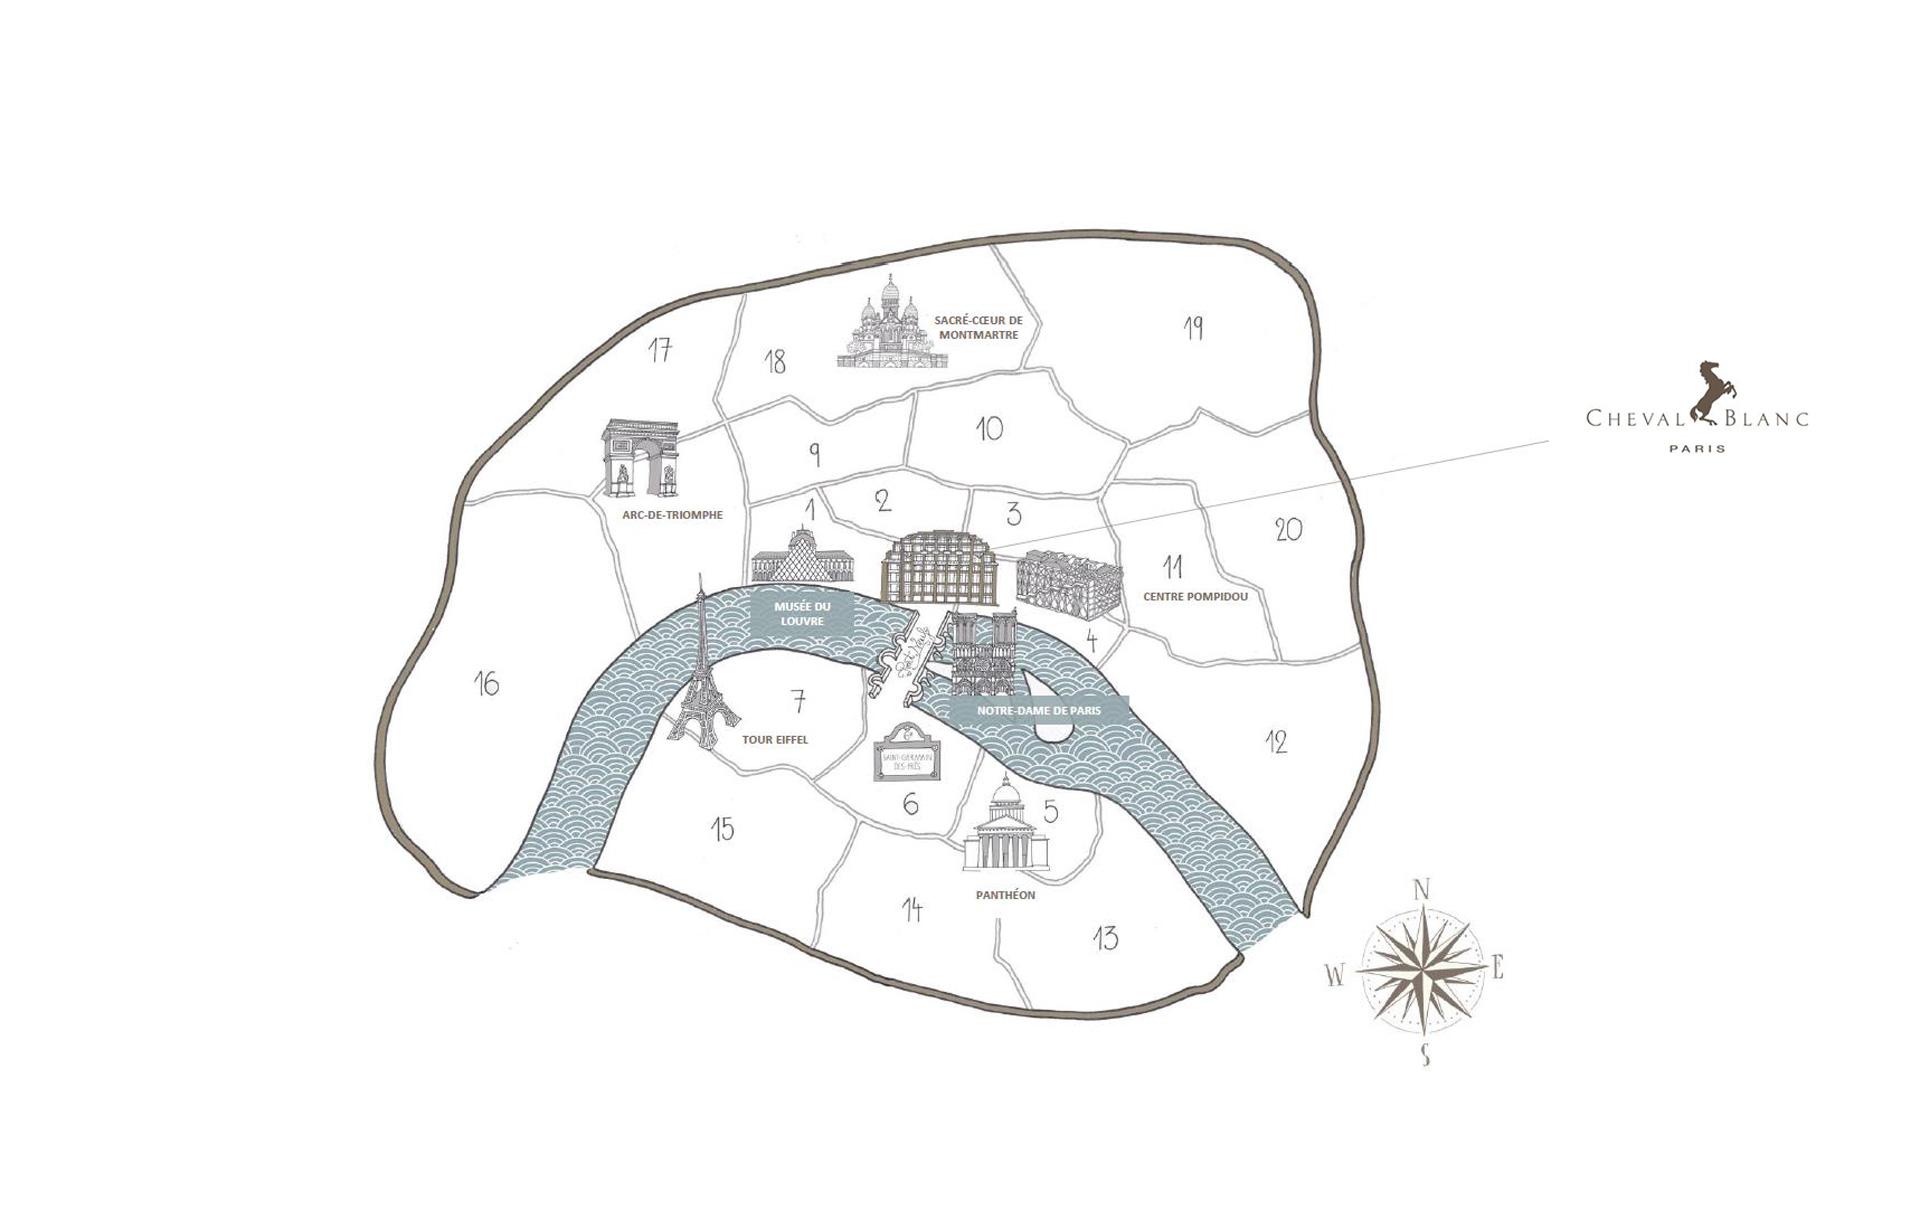 Cheval Blanc Paris, Hotel de Luxe France, Map Illustration, Casol